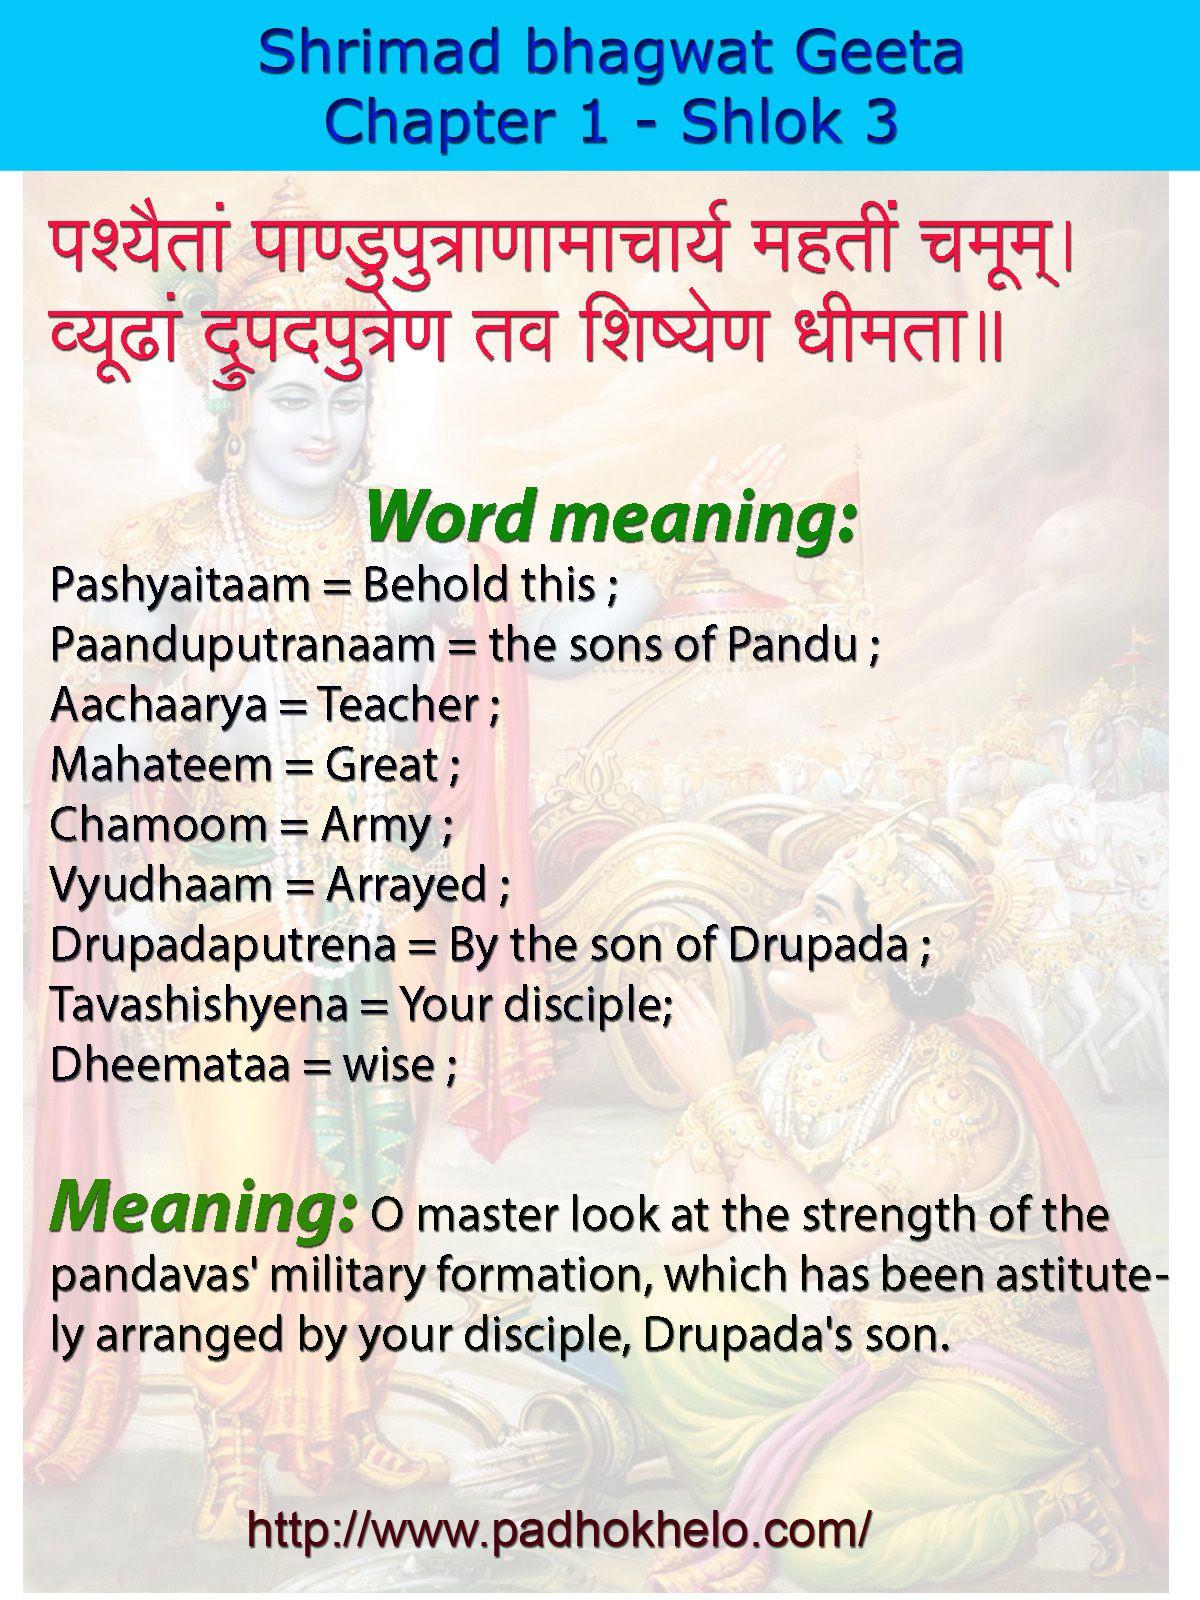 Geeta Shlok Chapter 1 Verse 3 1 verse, Verse, Chapter